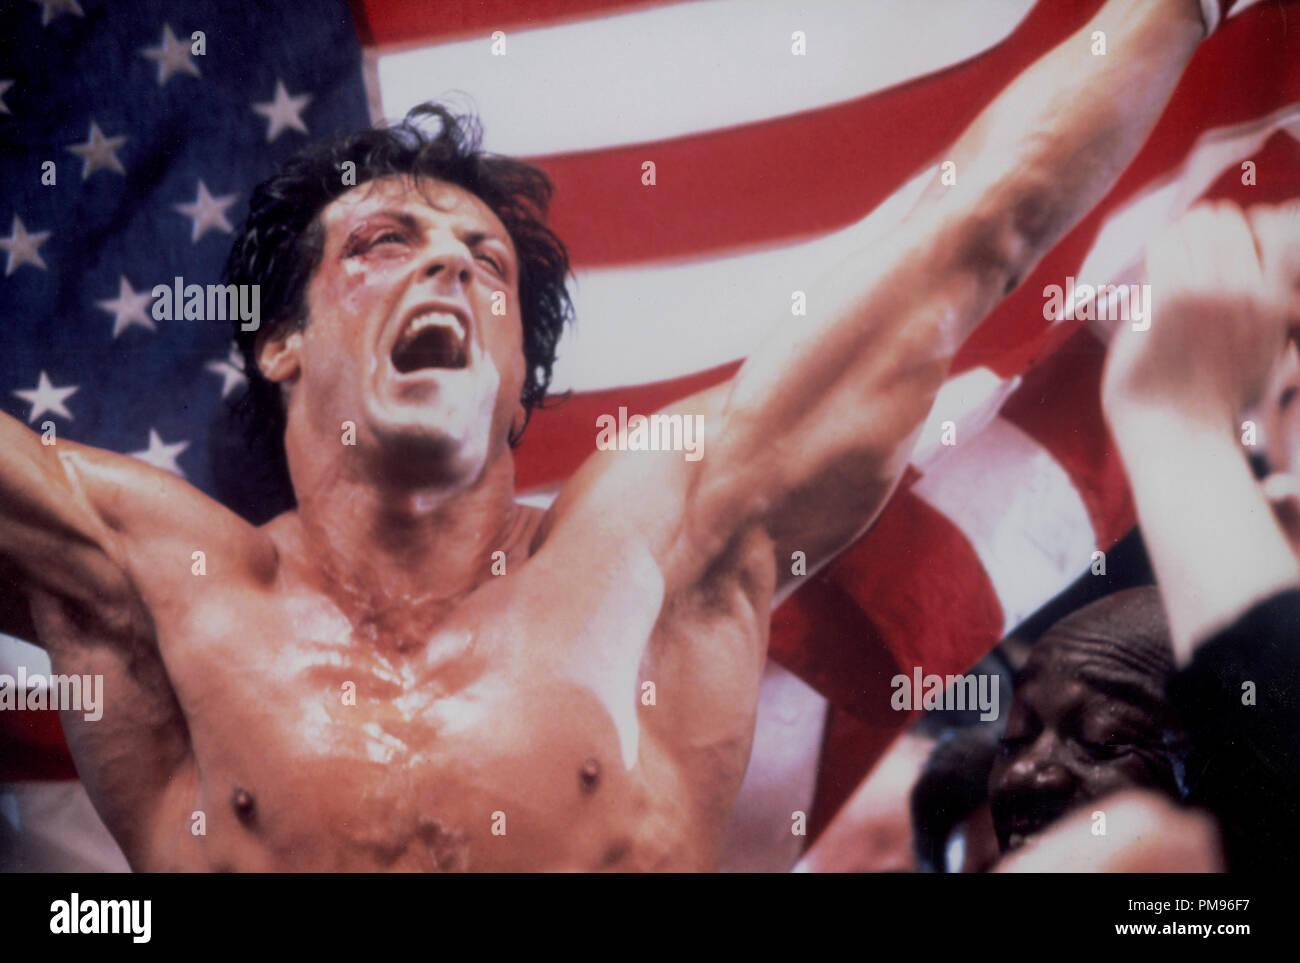 Studio publicidad todavía de 'Rocky IV' Sylvester Stallone © 1985 MGM/UA Todos Los Derechos Reservados Archivo de referencia # 31703103THA sólo para uso editorial Foto de stock